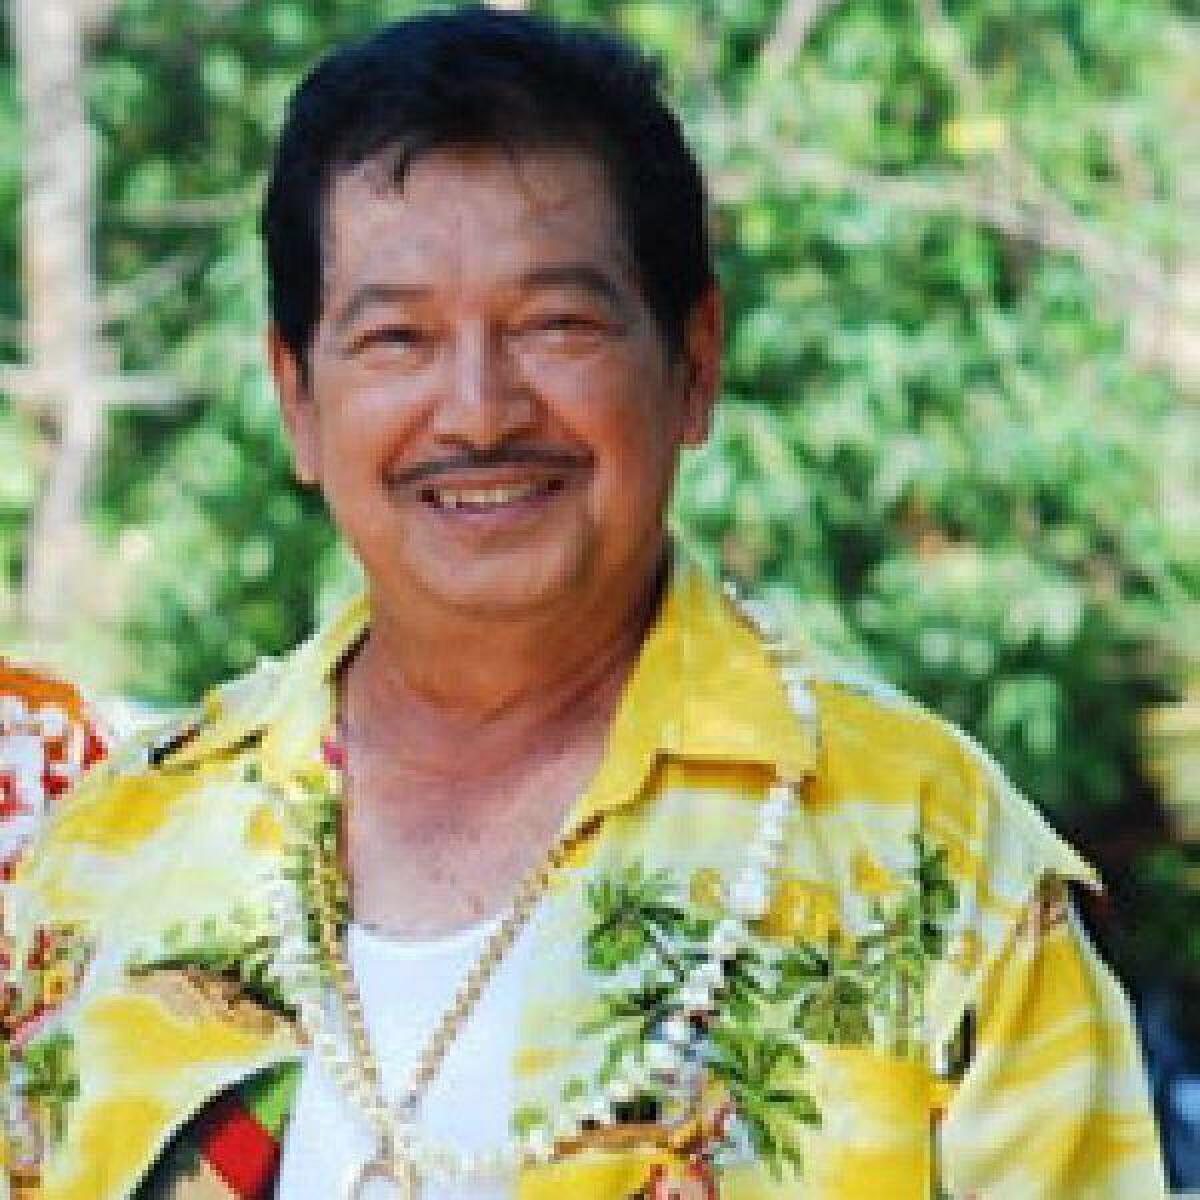 ไพโรจน์ ใจสิงห์ ดาราอาวุโส เสียชีวิตอย่างสงบ ด้วยวัย 78 ปี